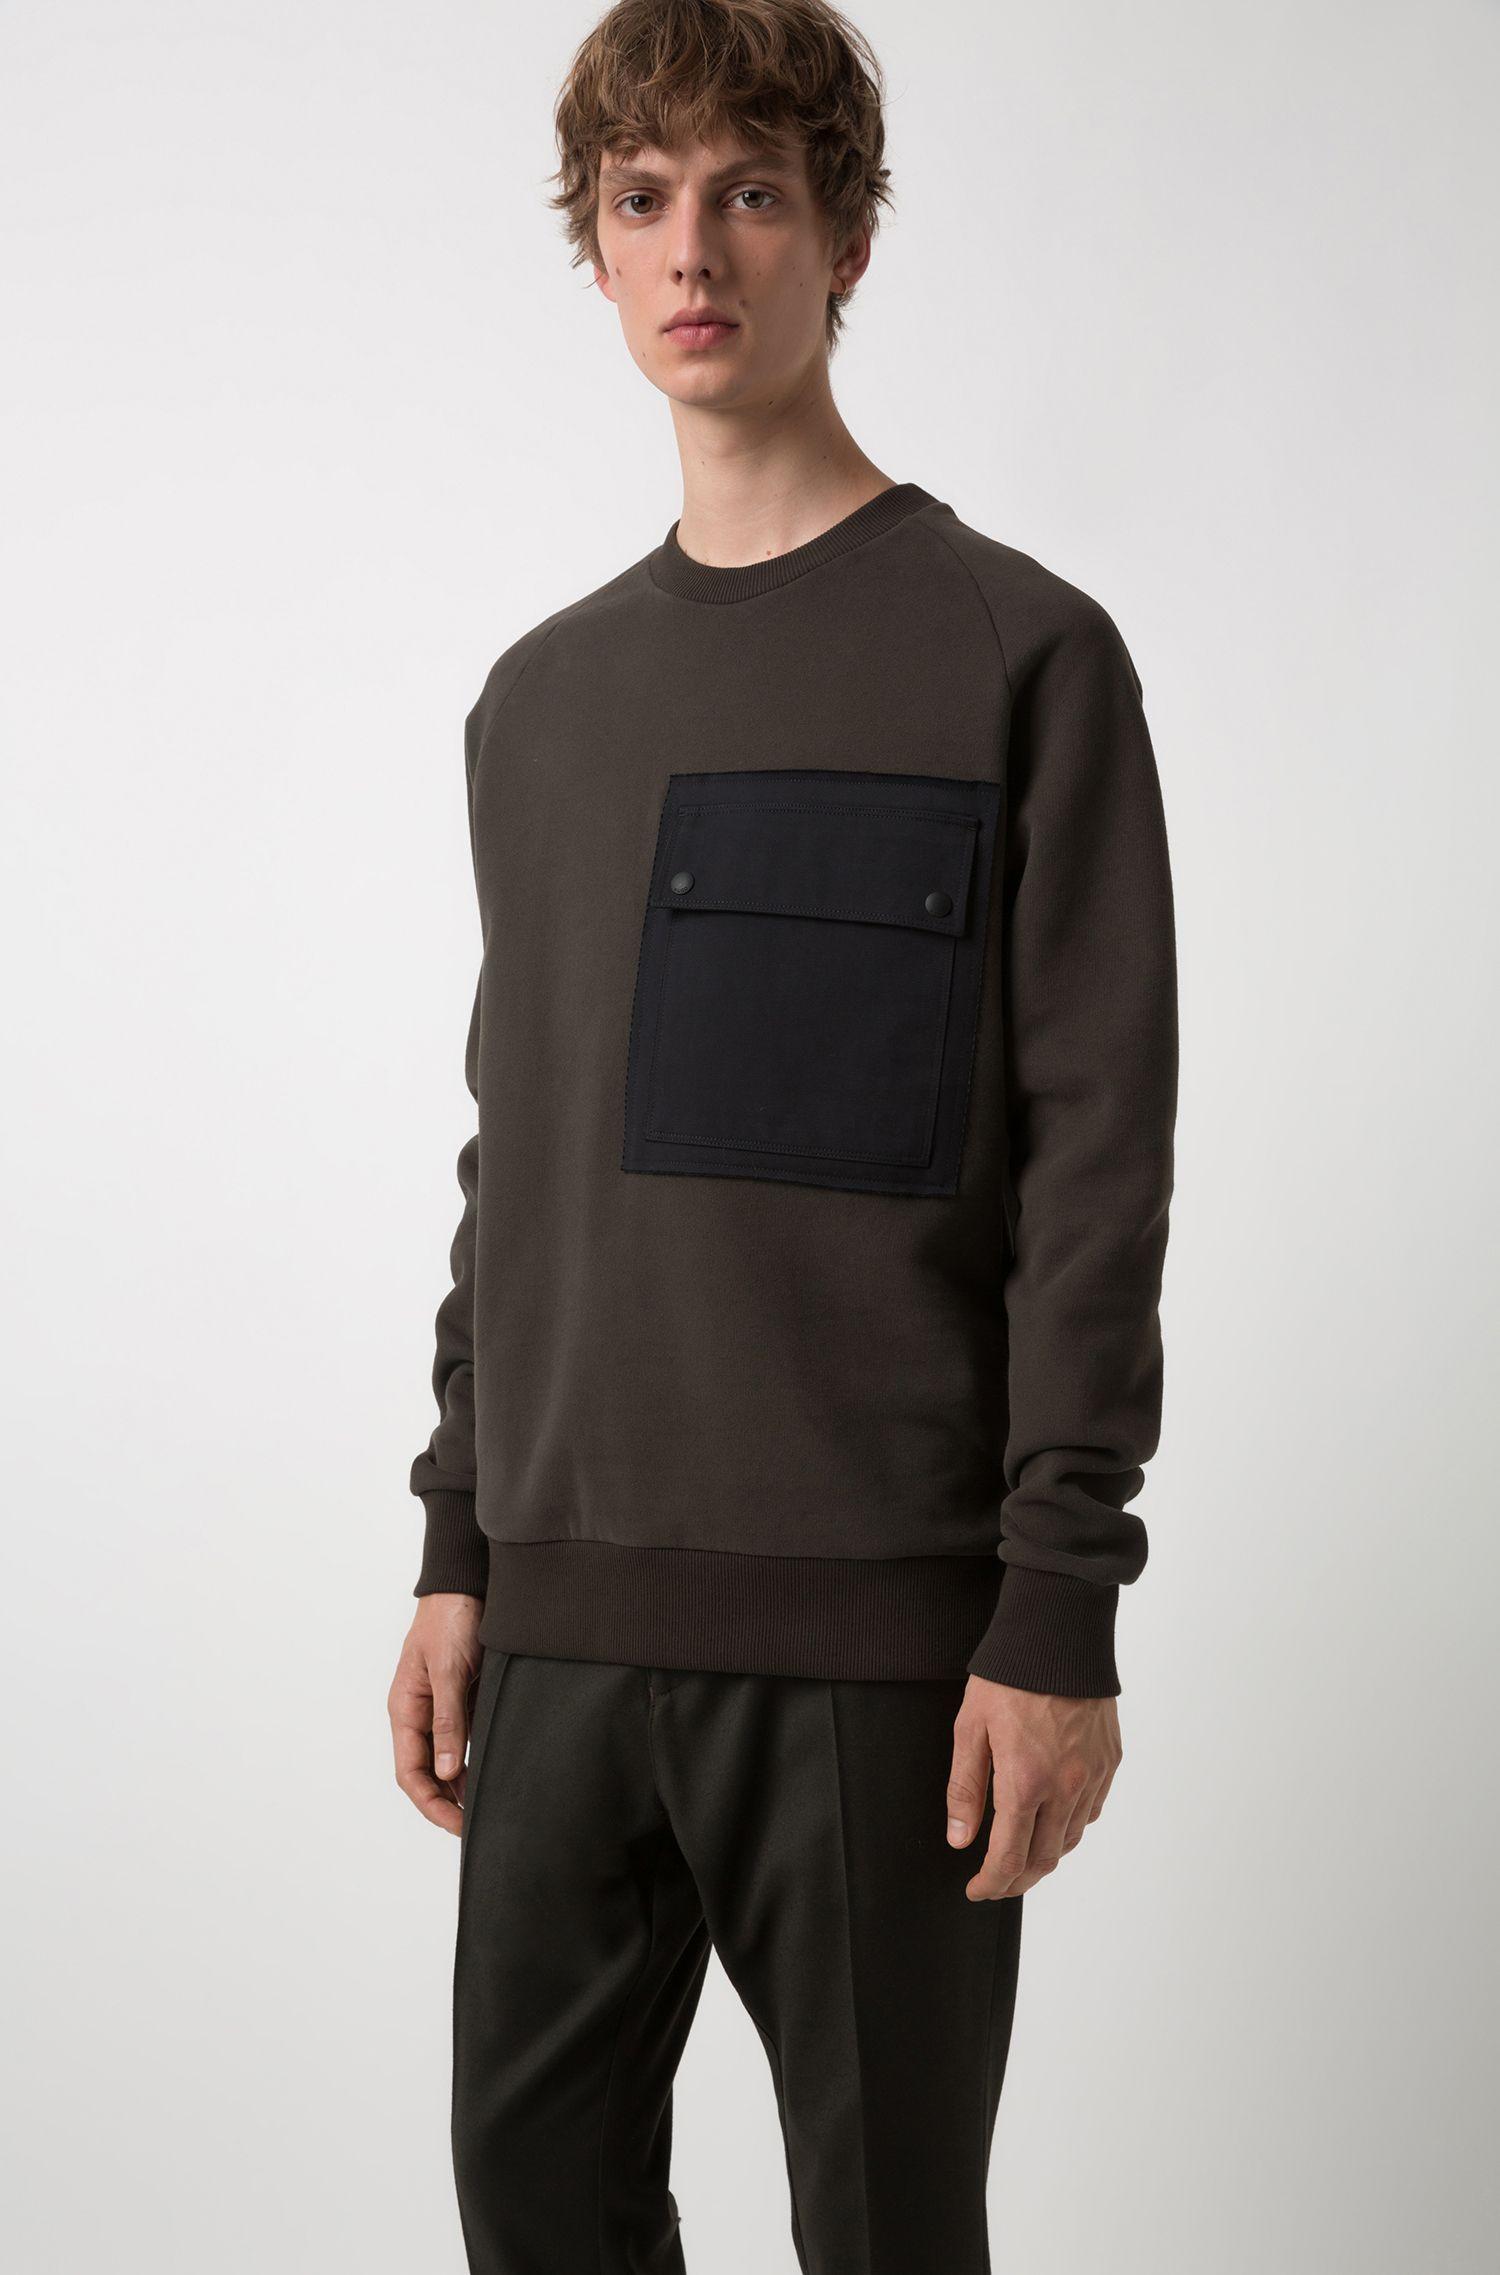 Pantalon Tapered Fit en laine vierge stretch, avec taille élastique, Vert sombre